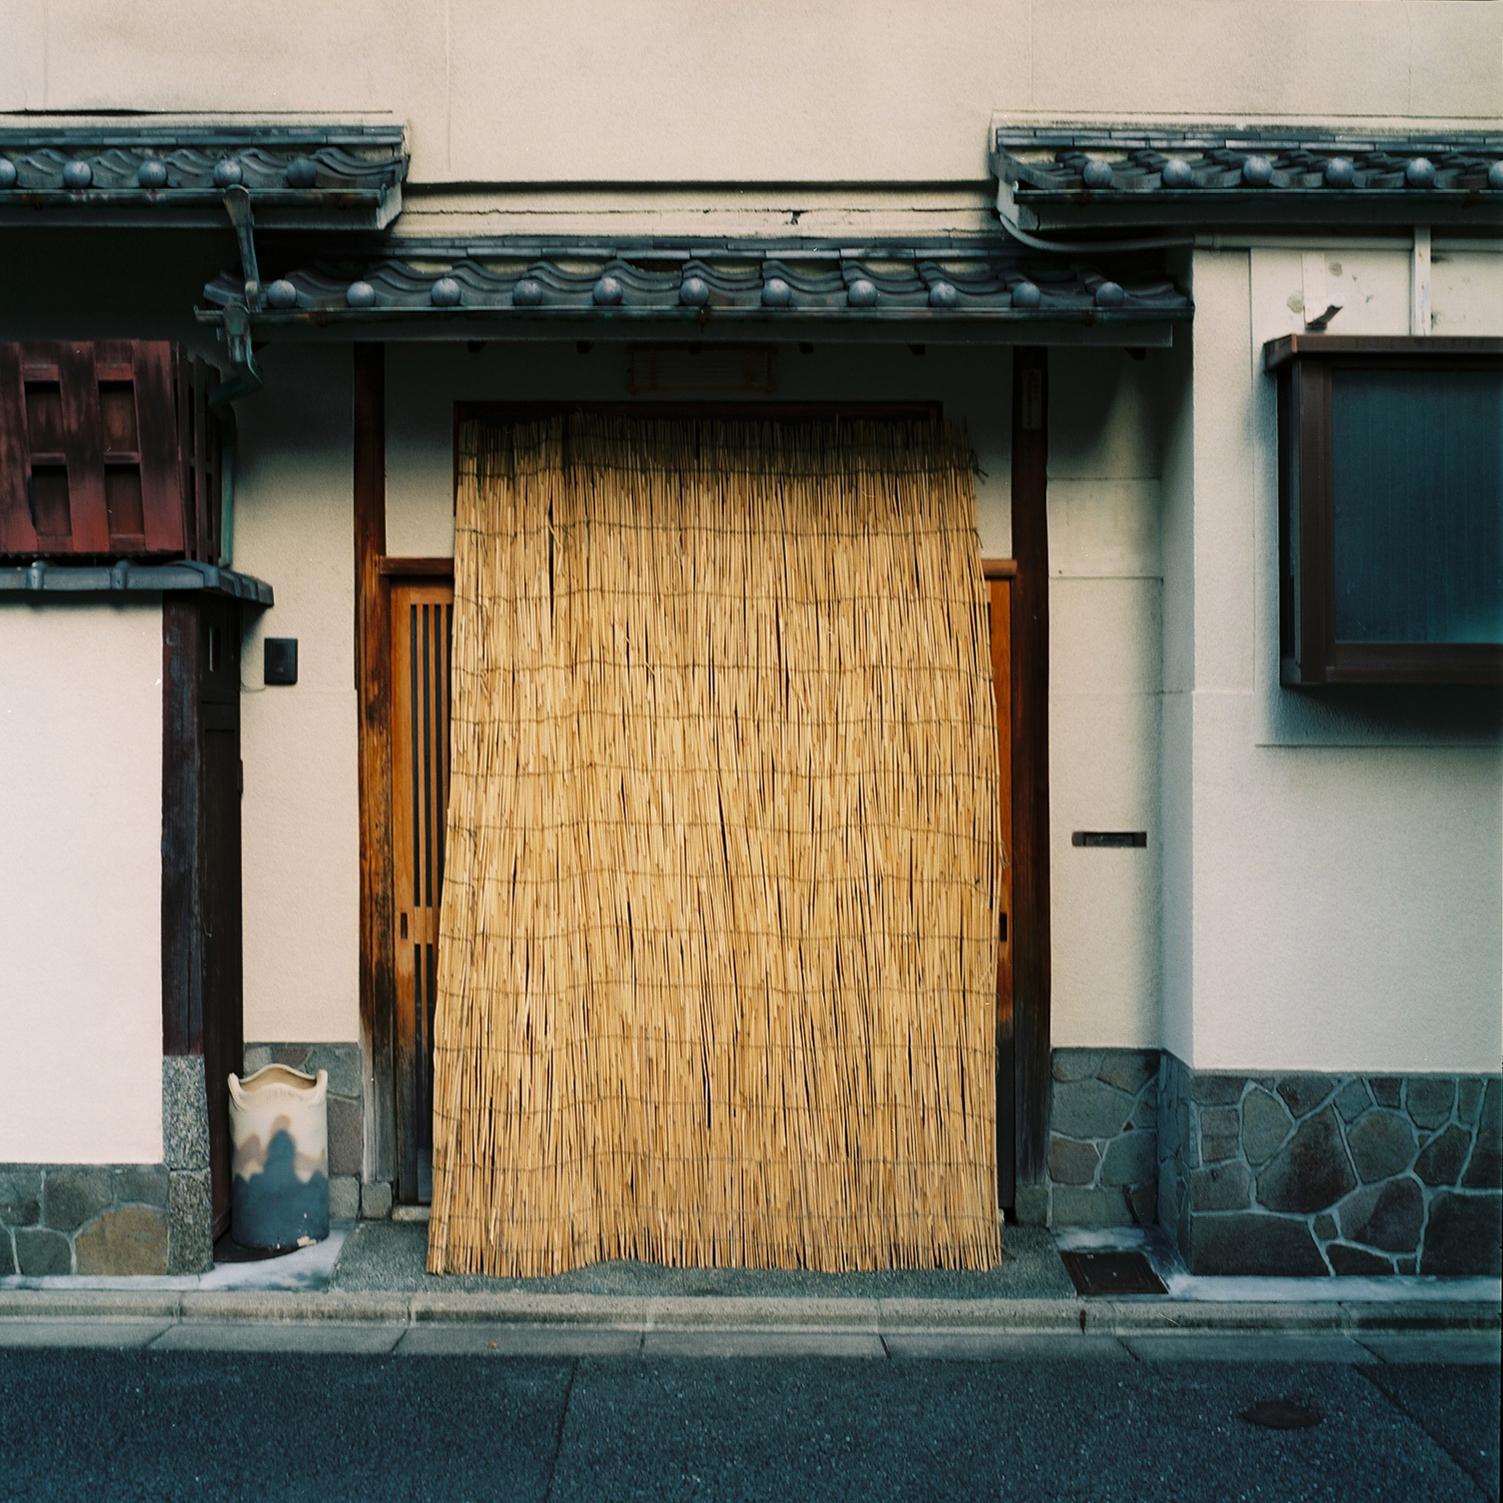 House near Bukko-ji, Shimogyo-ku, Kyoto, Japan, 2012